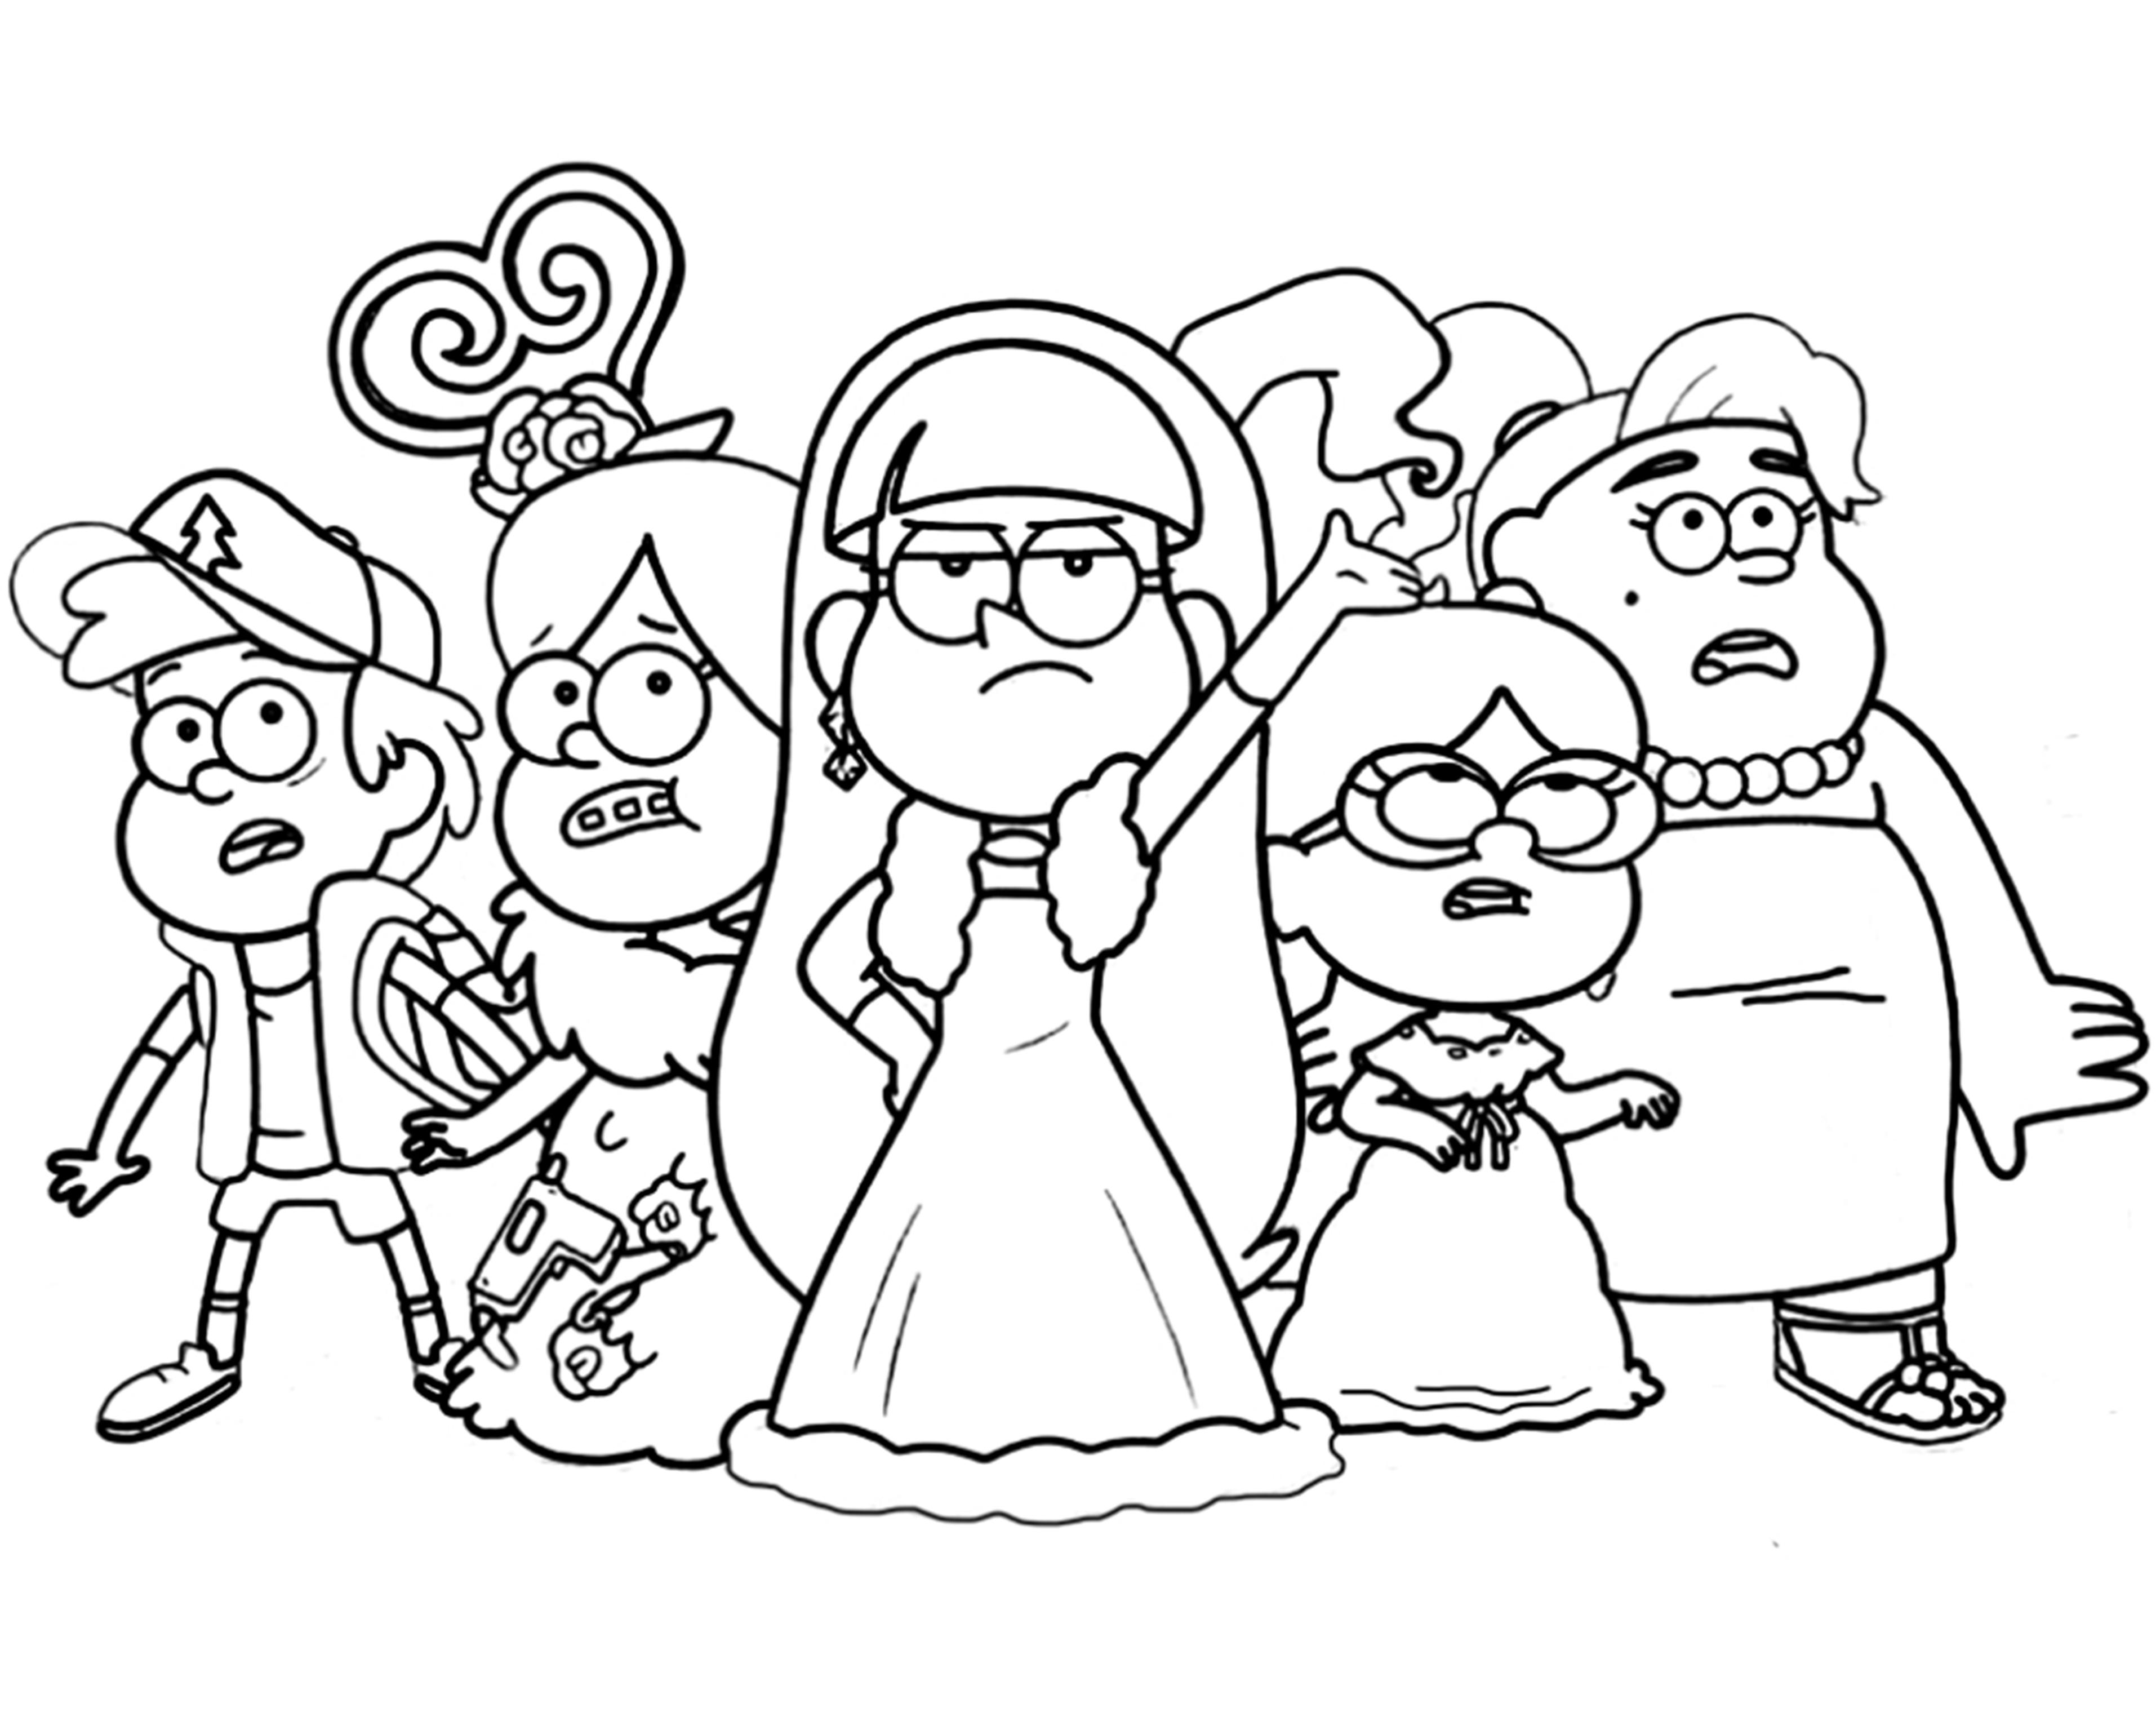 Gravity Falls Malvorlagen - Drucken oder kostenlos herunterladen